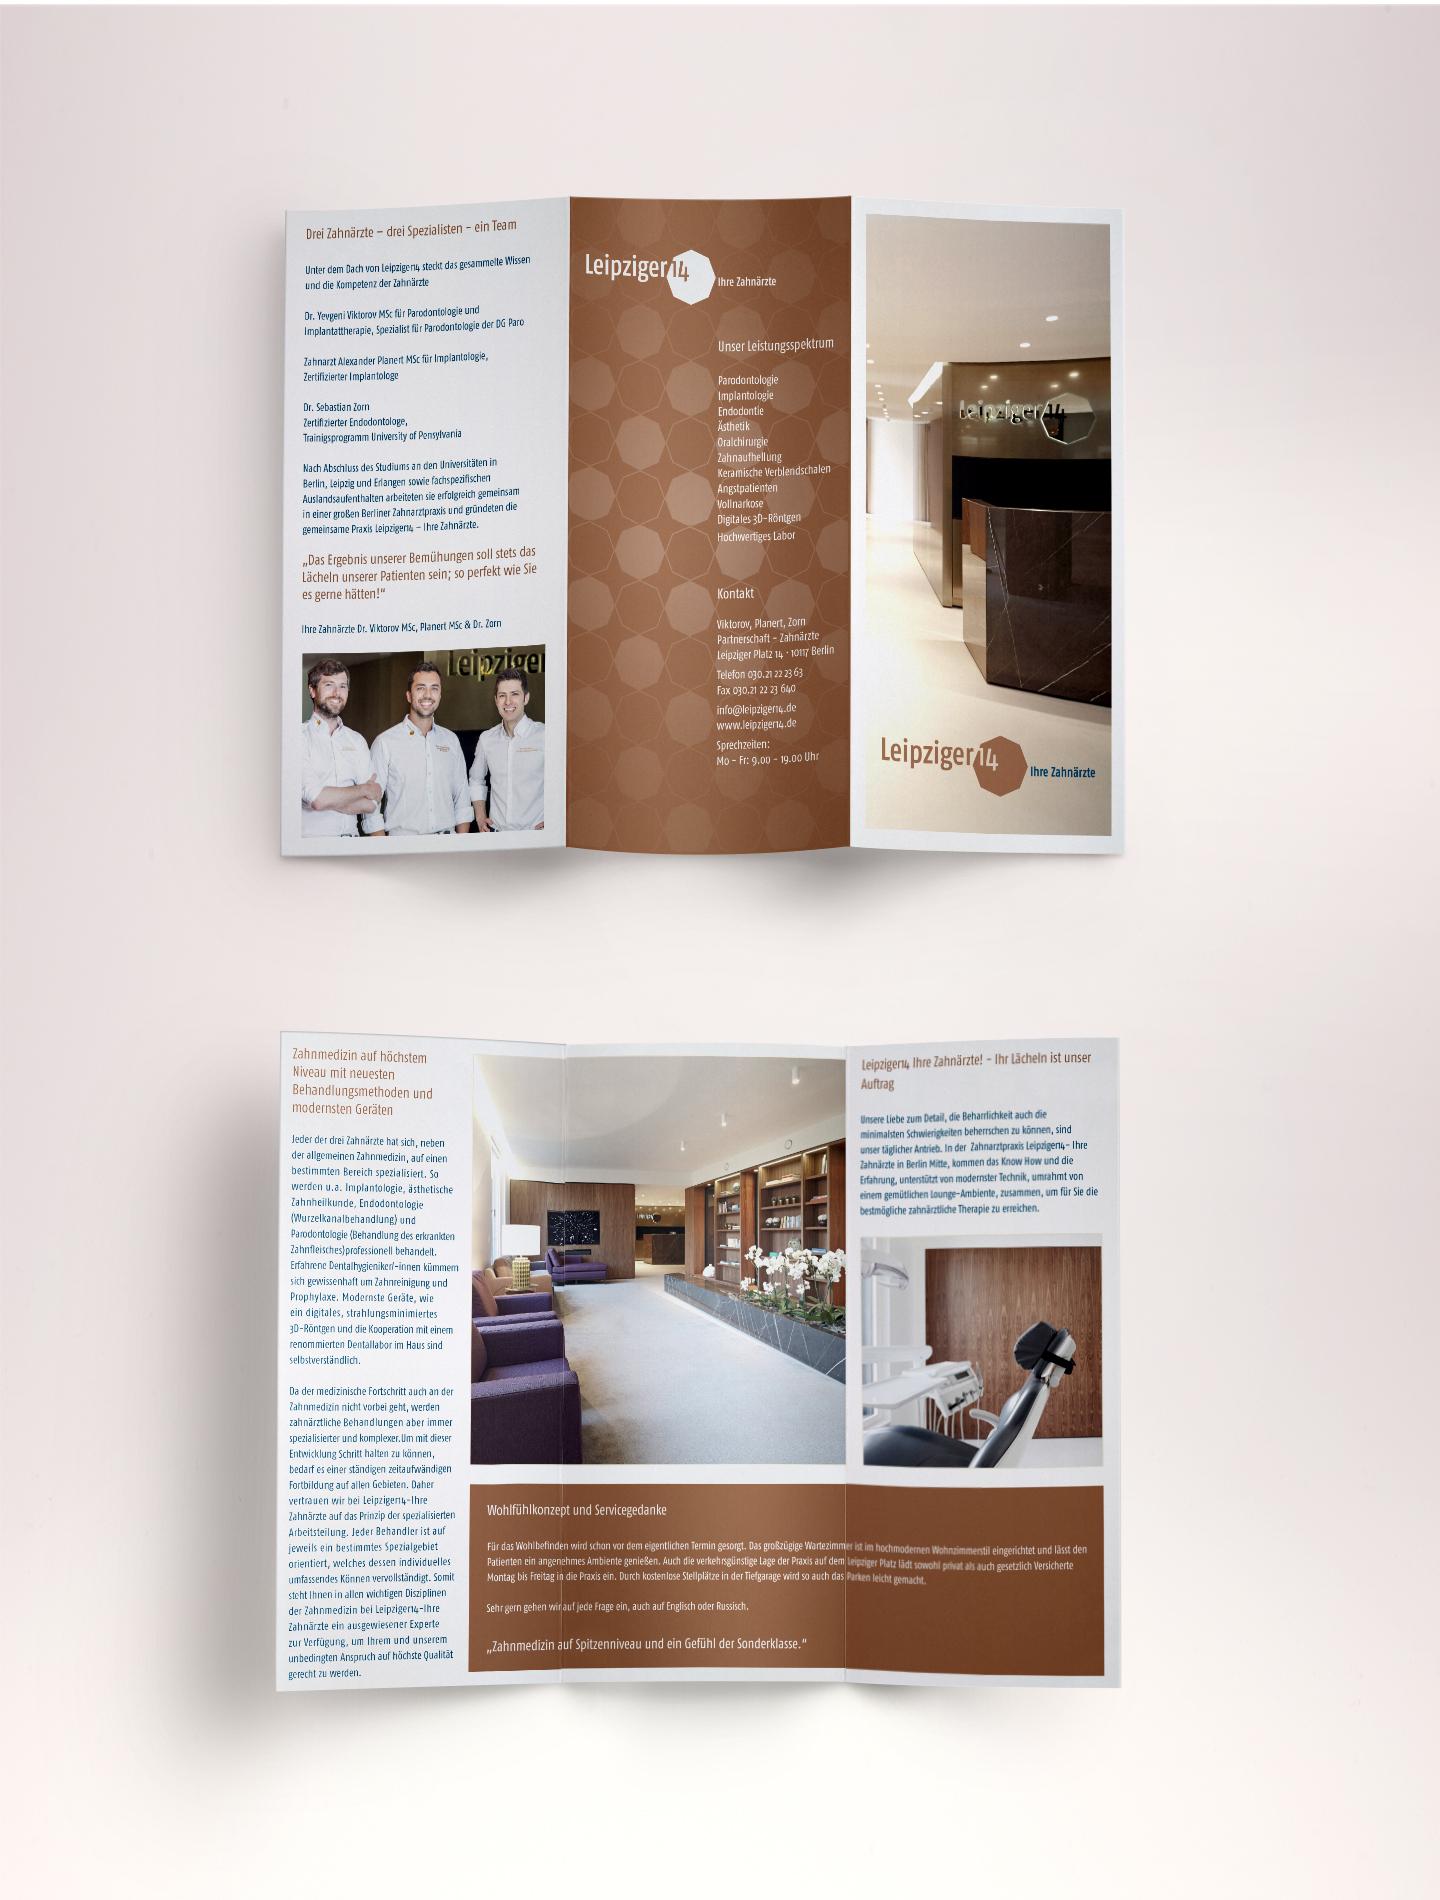 Leipziger 14 Broschüre